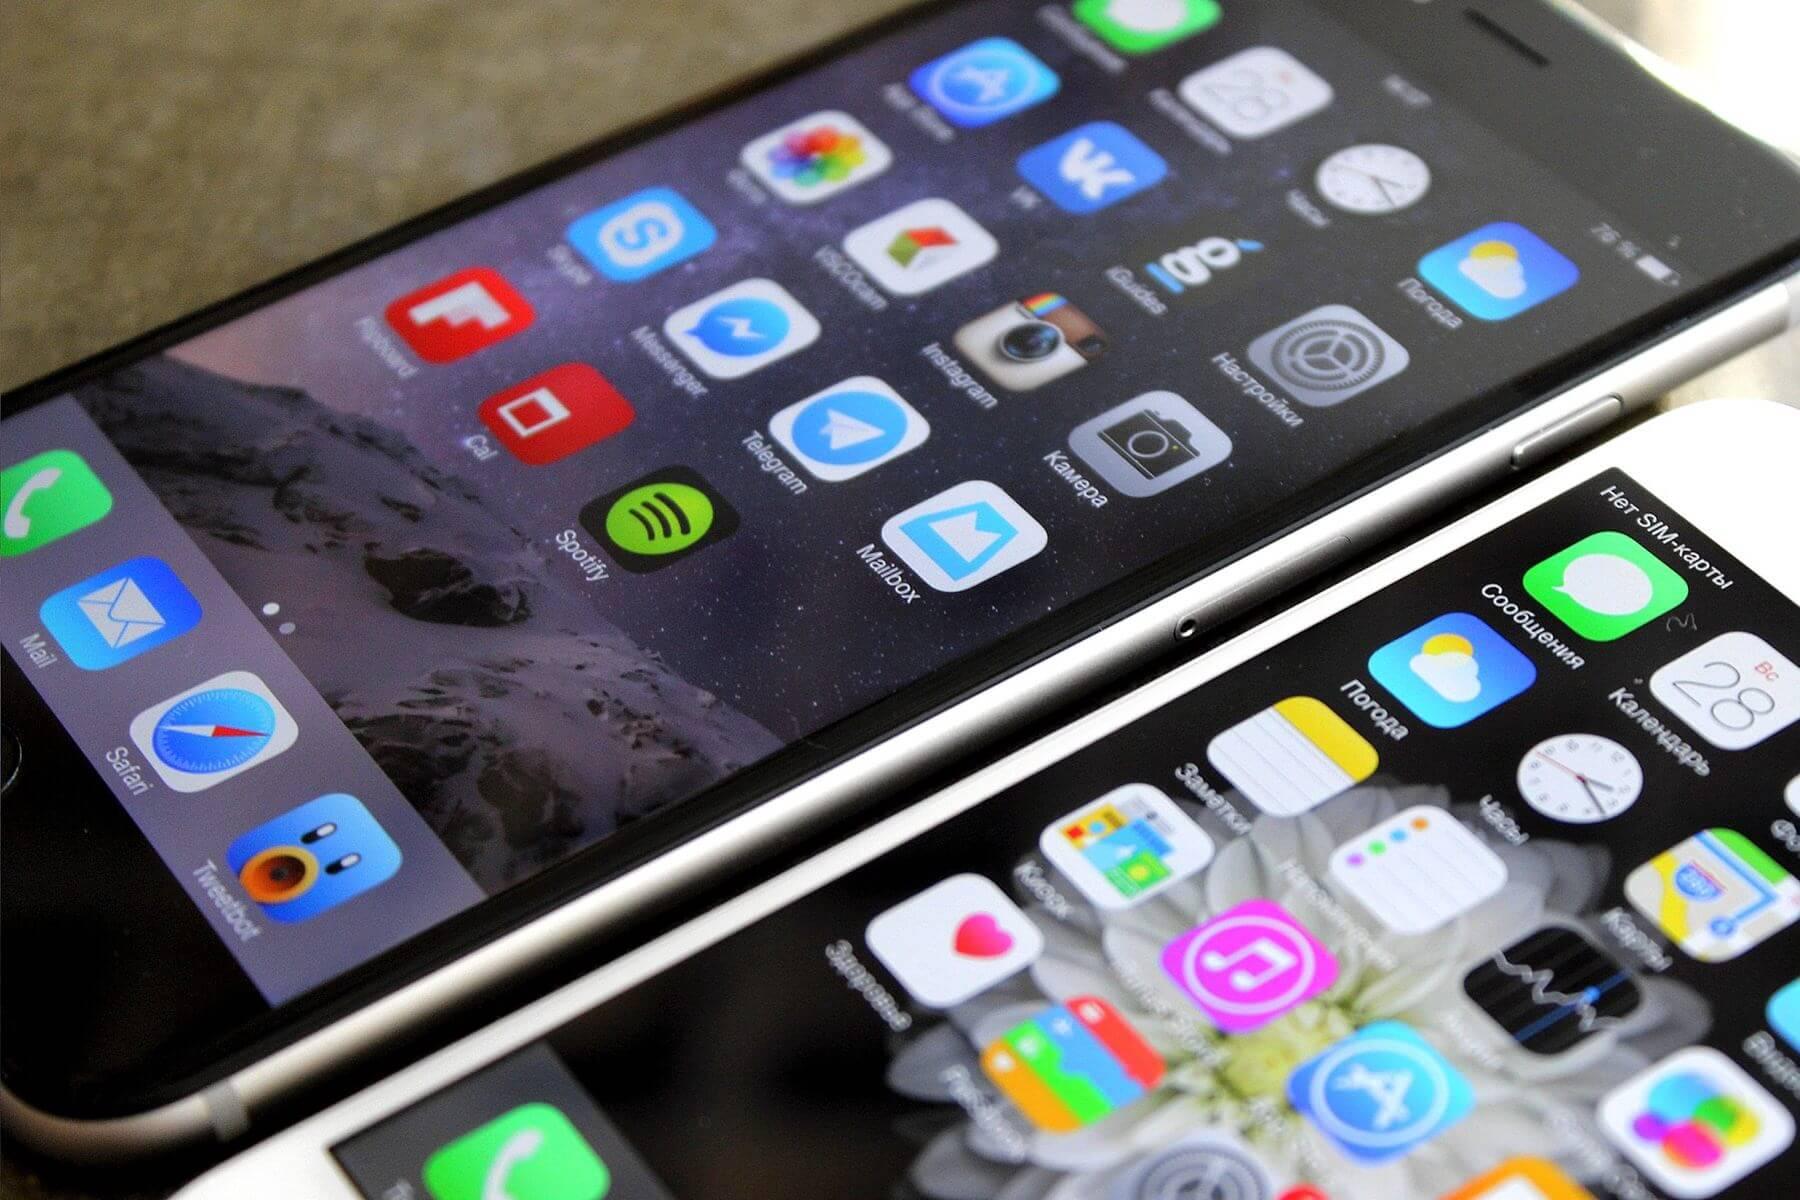 Разработка джейлбрейка для iOS 9.2 находится в заключительной фазе